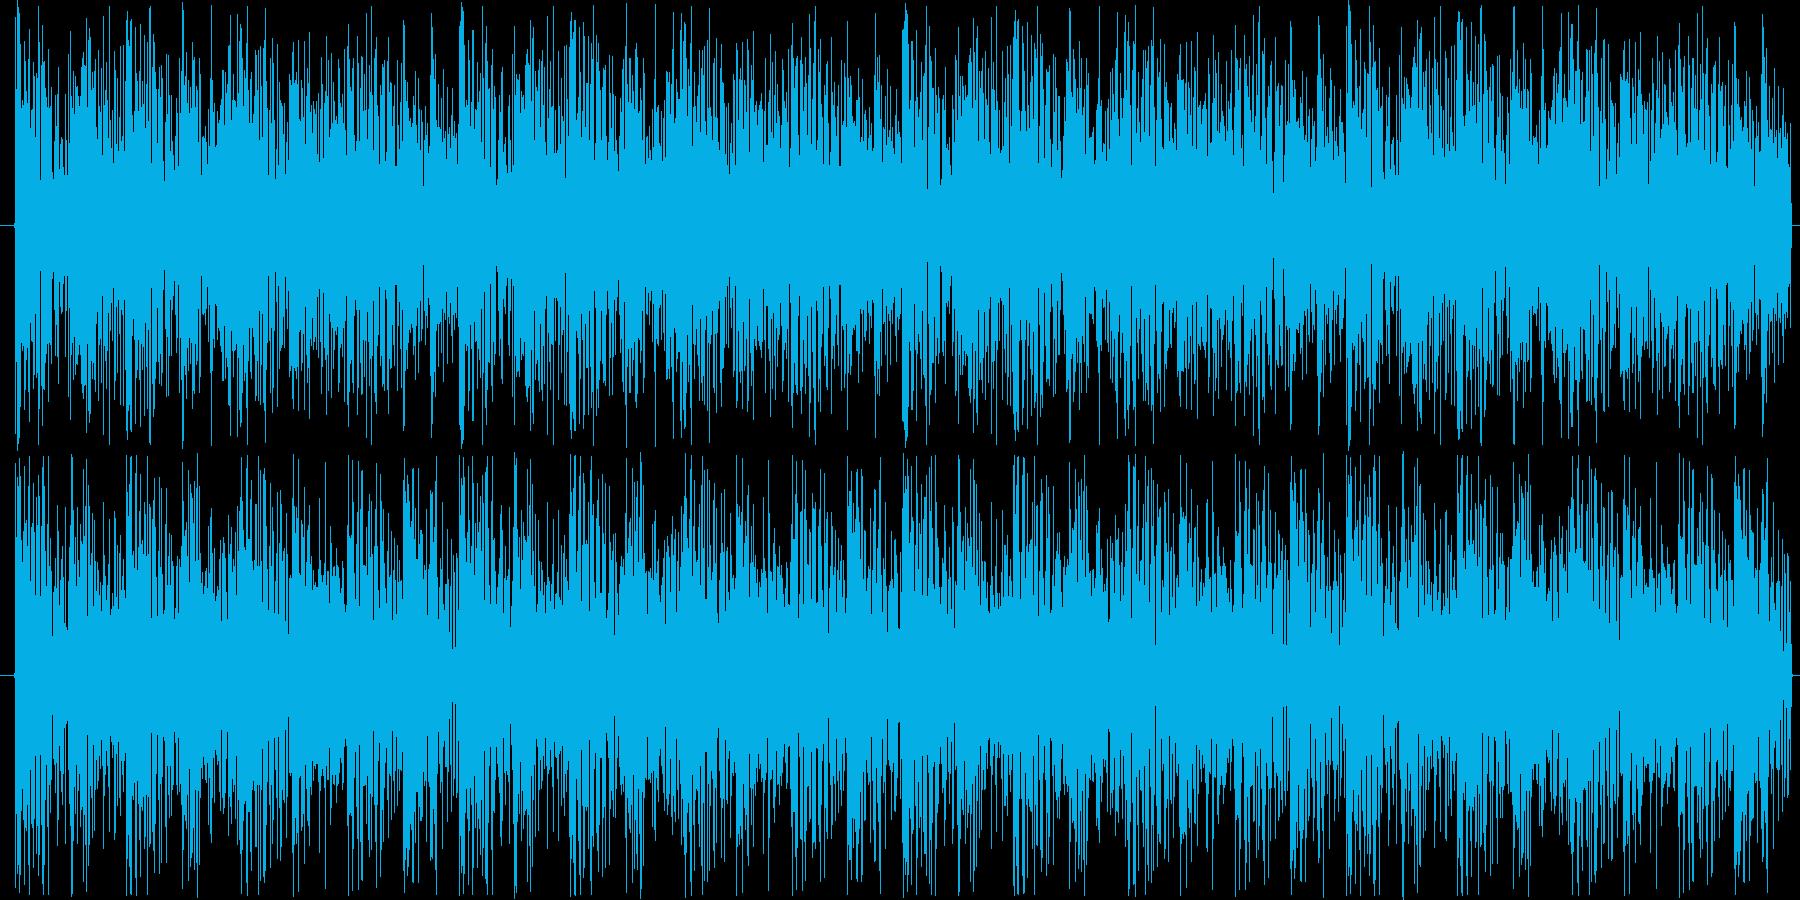 LOOP用に作成しましたの再生済みの波形